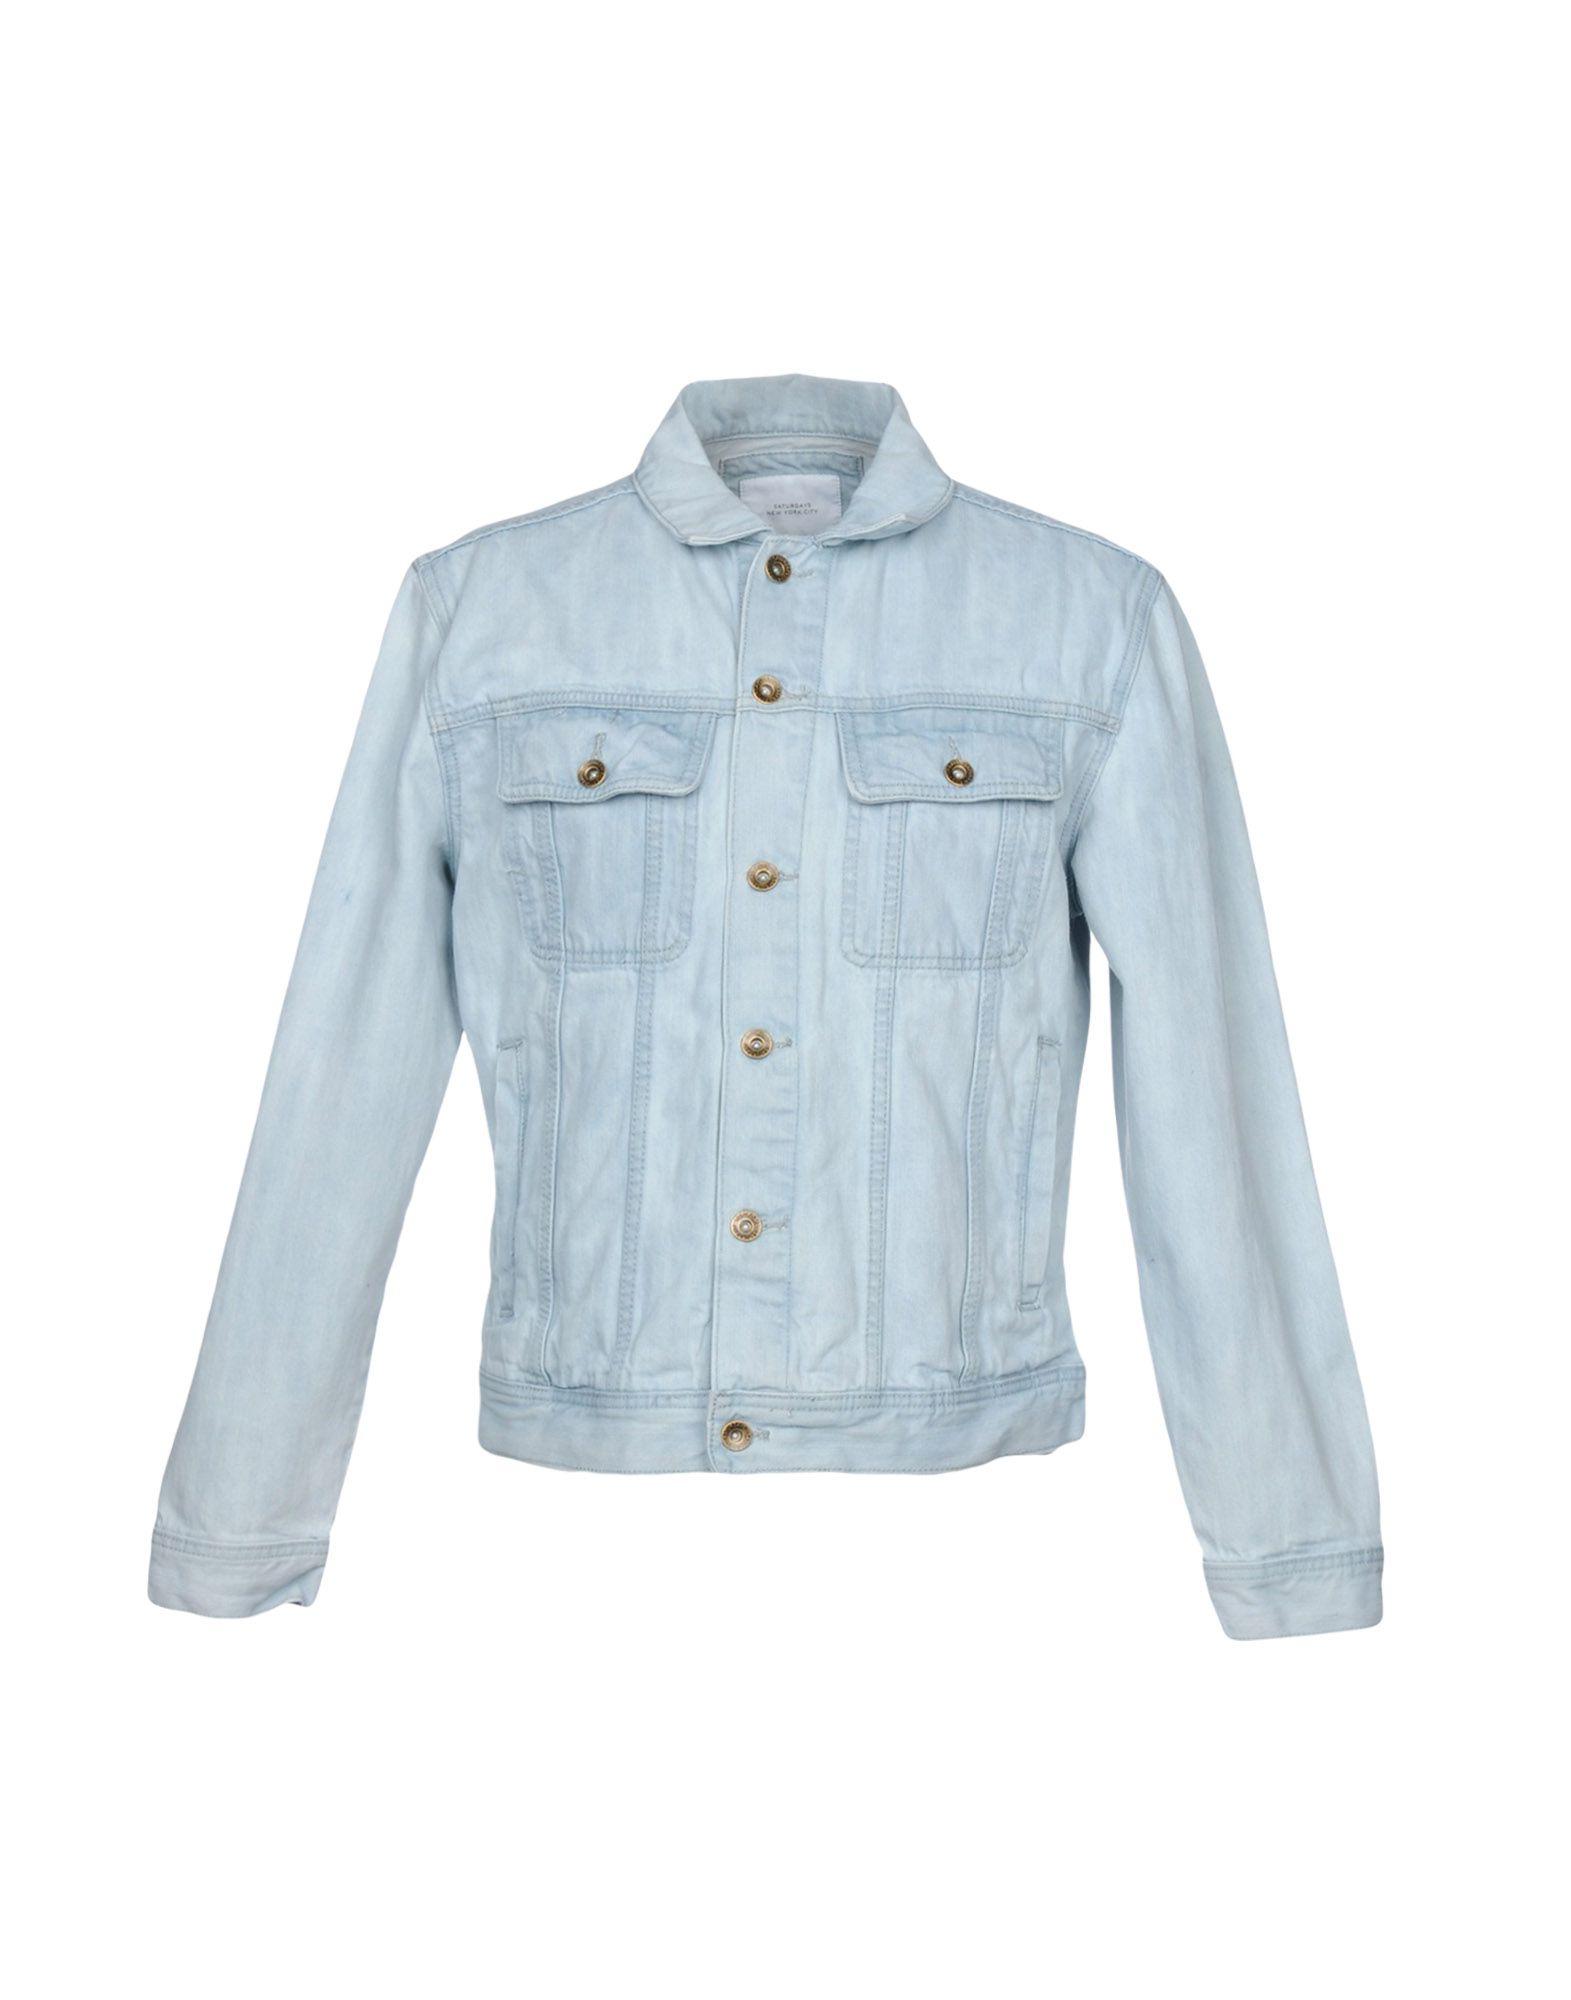 SATURDAYS NEW YORK CITY Джинсовая верхняя одежда saturdays new york city джинсовая рубашка